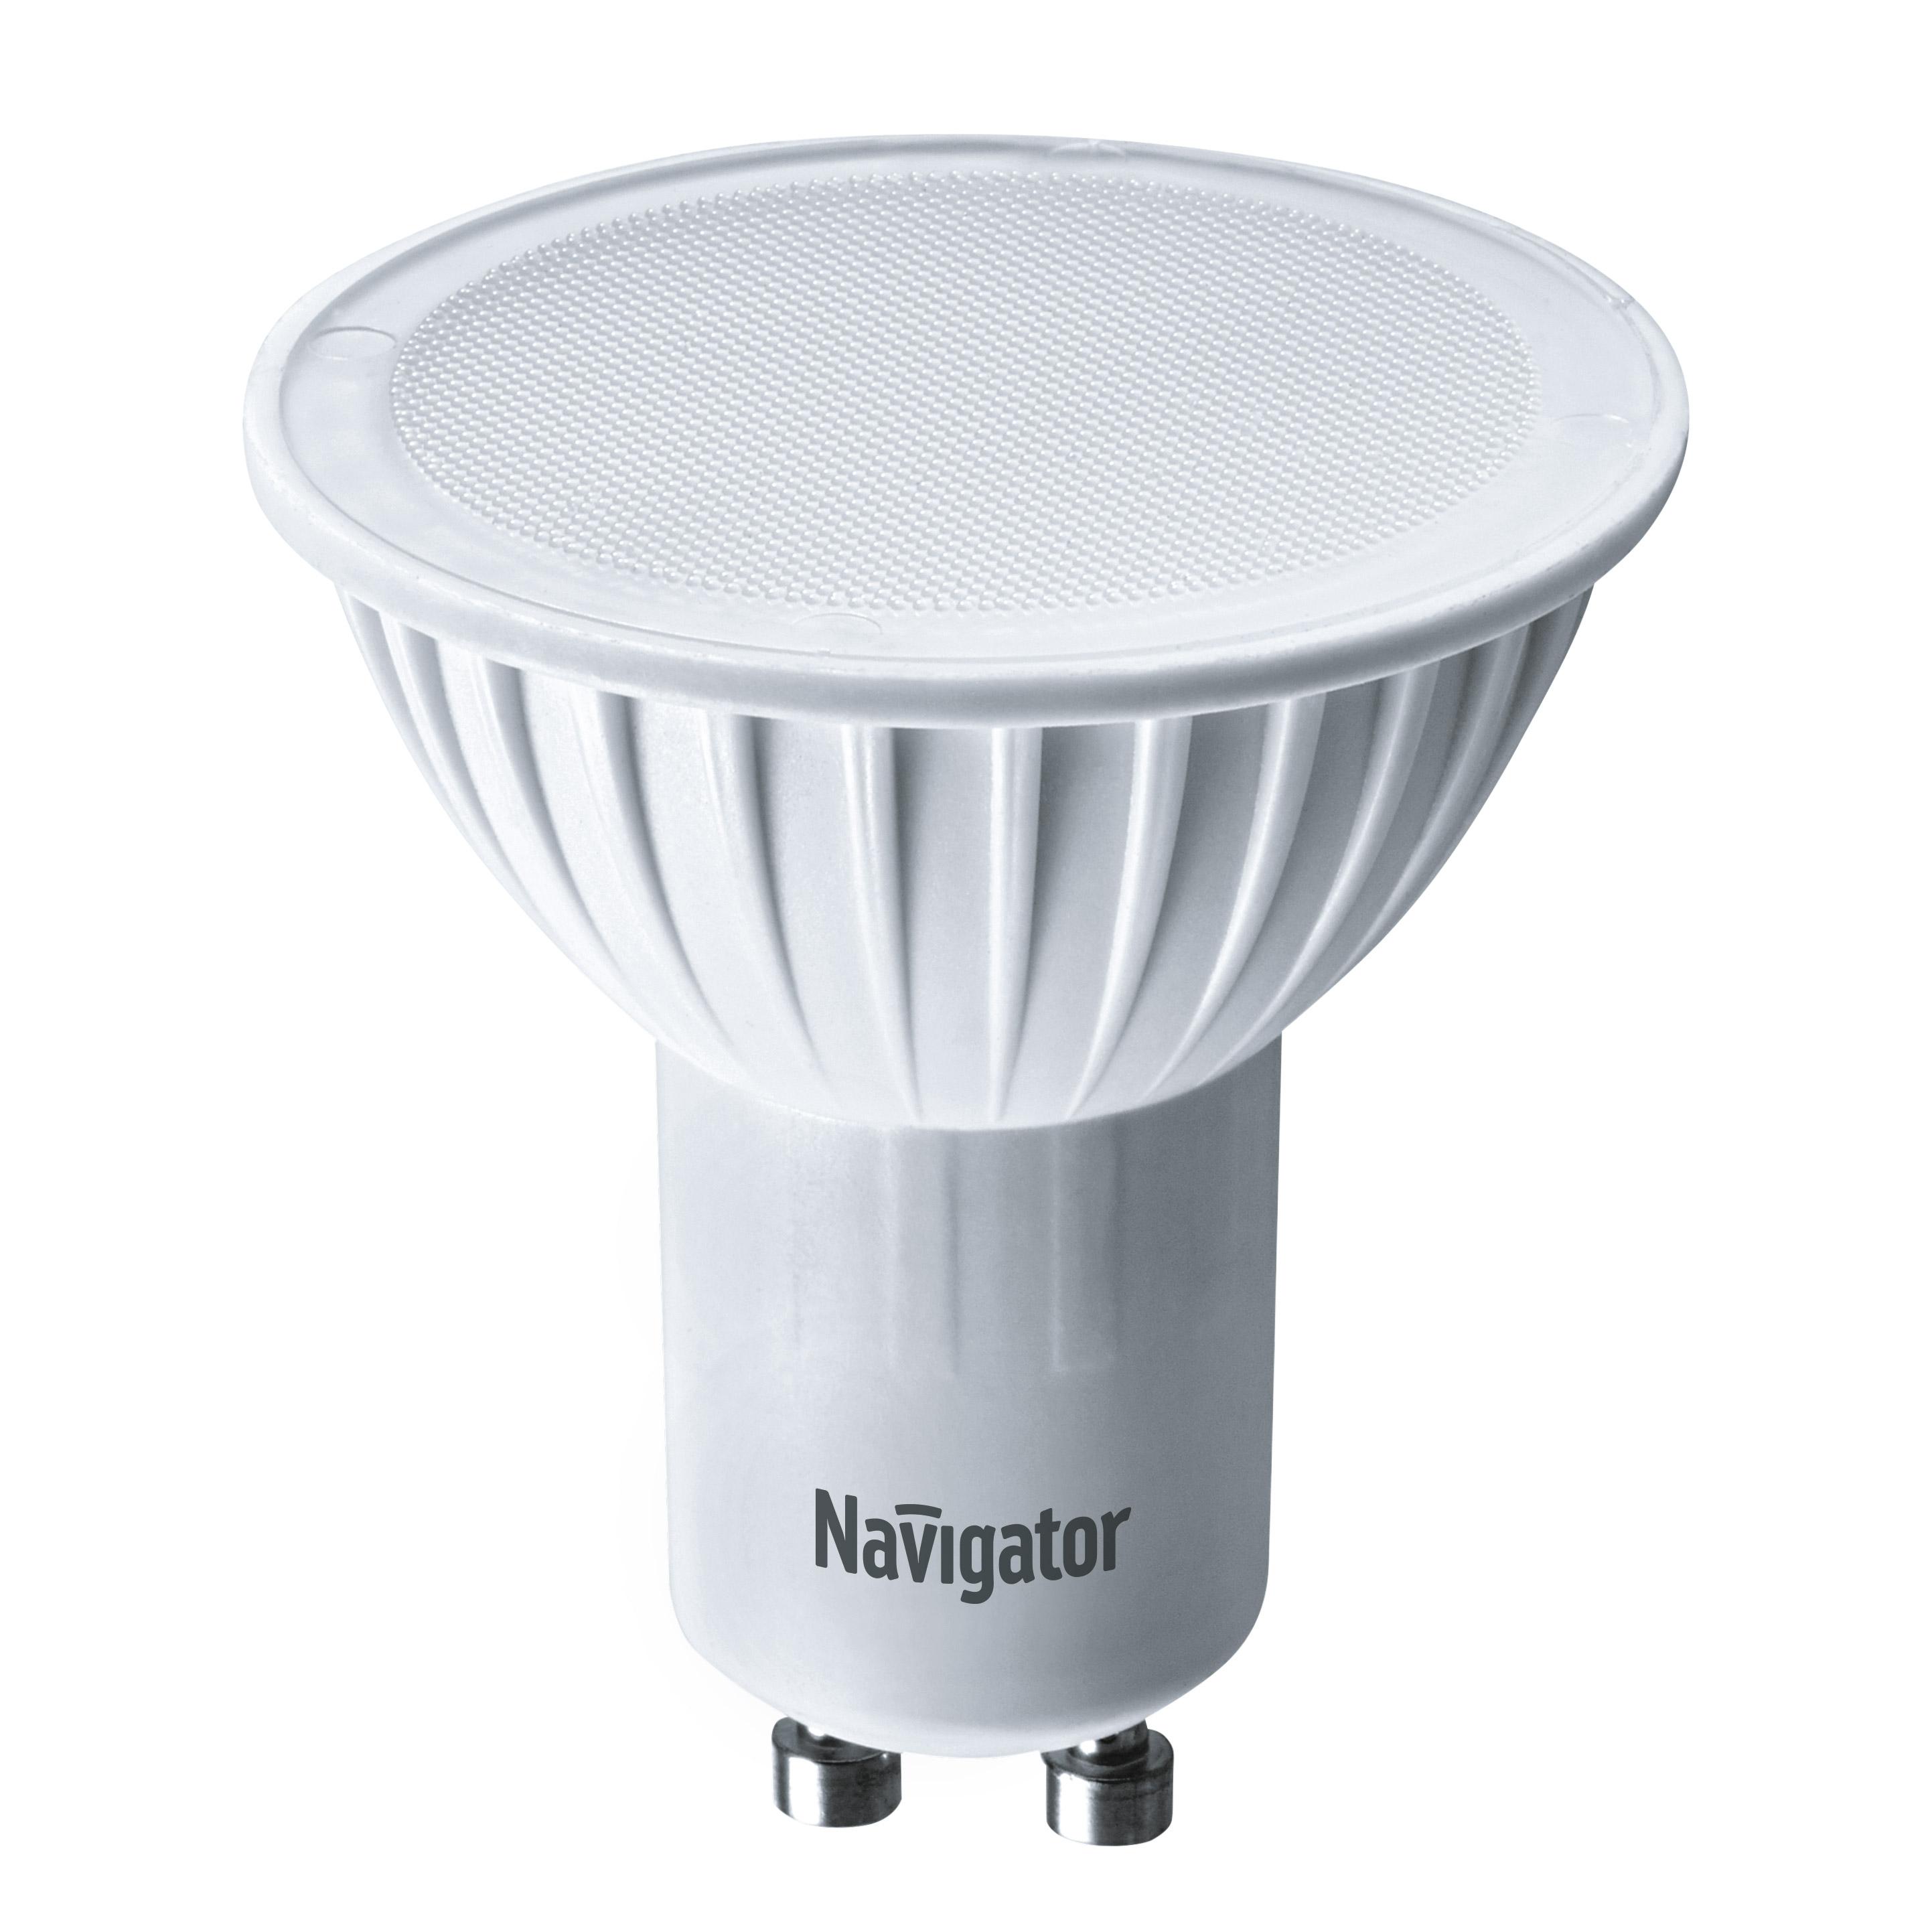 Лампа светодиодная Navigator PAR16 5Вт цоколь GU10 (теплый свет)